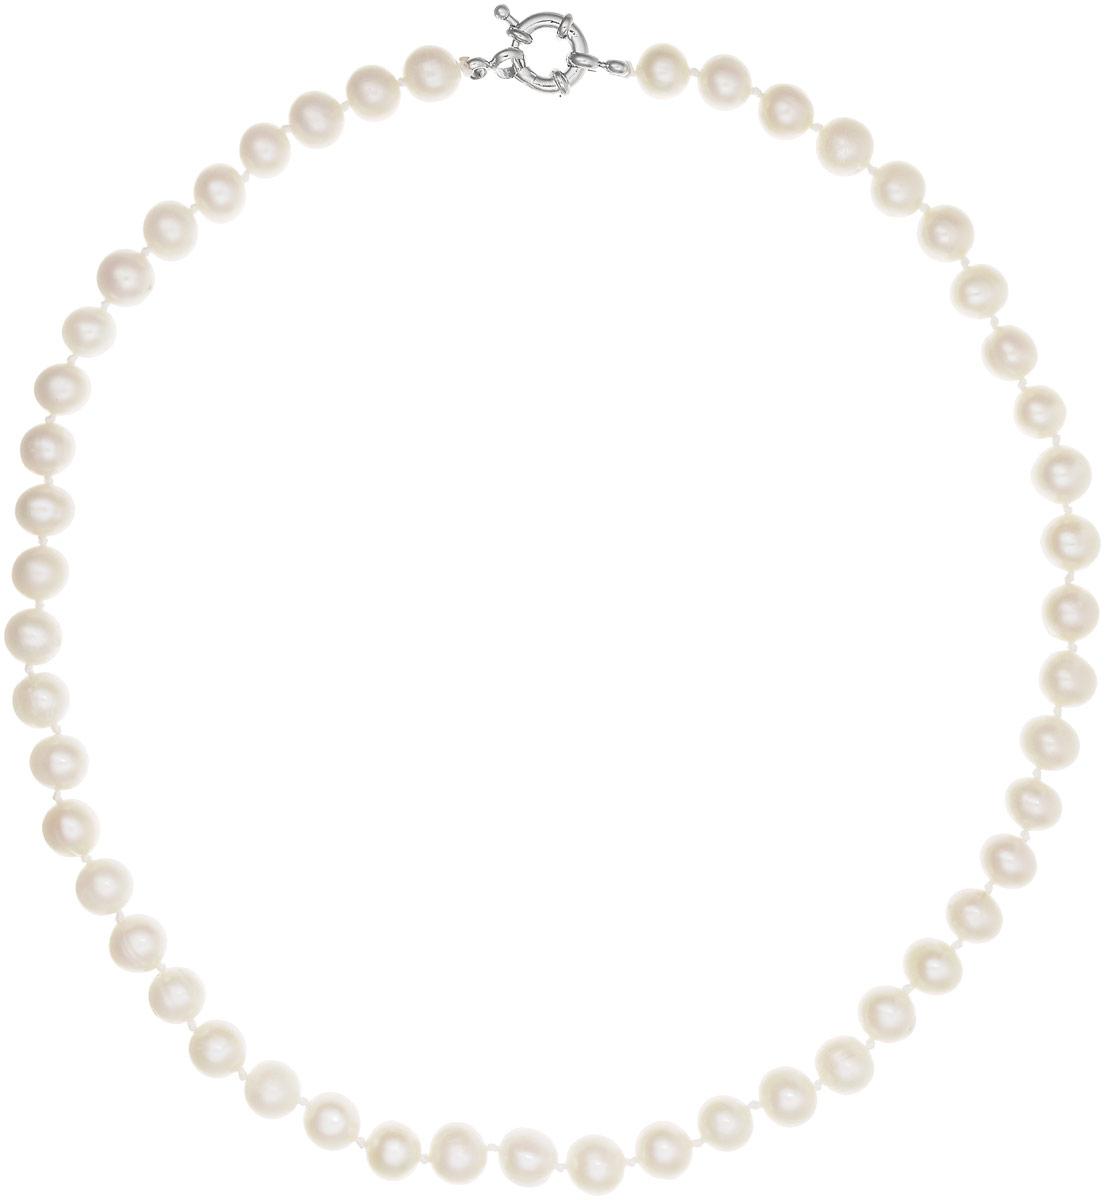 Бусы Art-Silver, цвет: белый, длина 45 см. КЖб8-9АА45-842Бусы-ниткаБусы Art-Silver выполнены из бижутерного сплава и культивированного жемчуга. Изделие оснащено удобной шпренгельной застежкой.